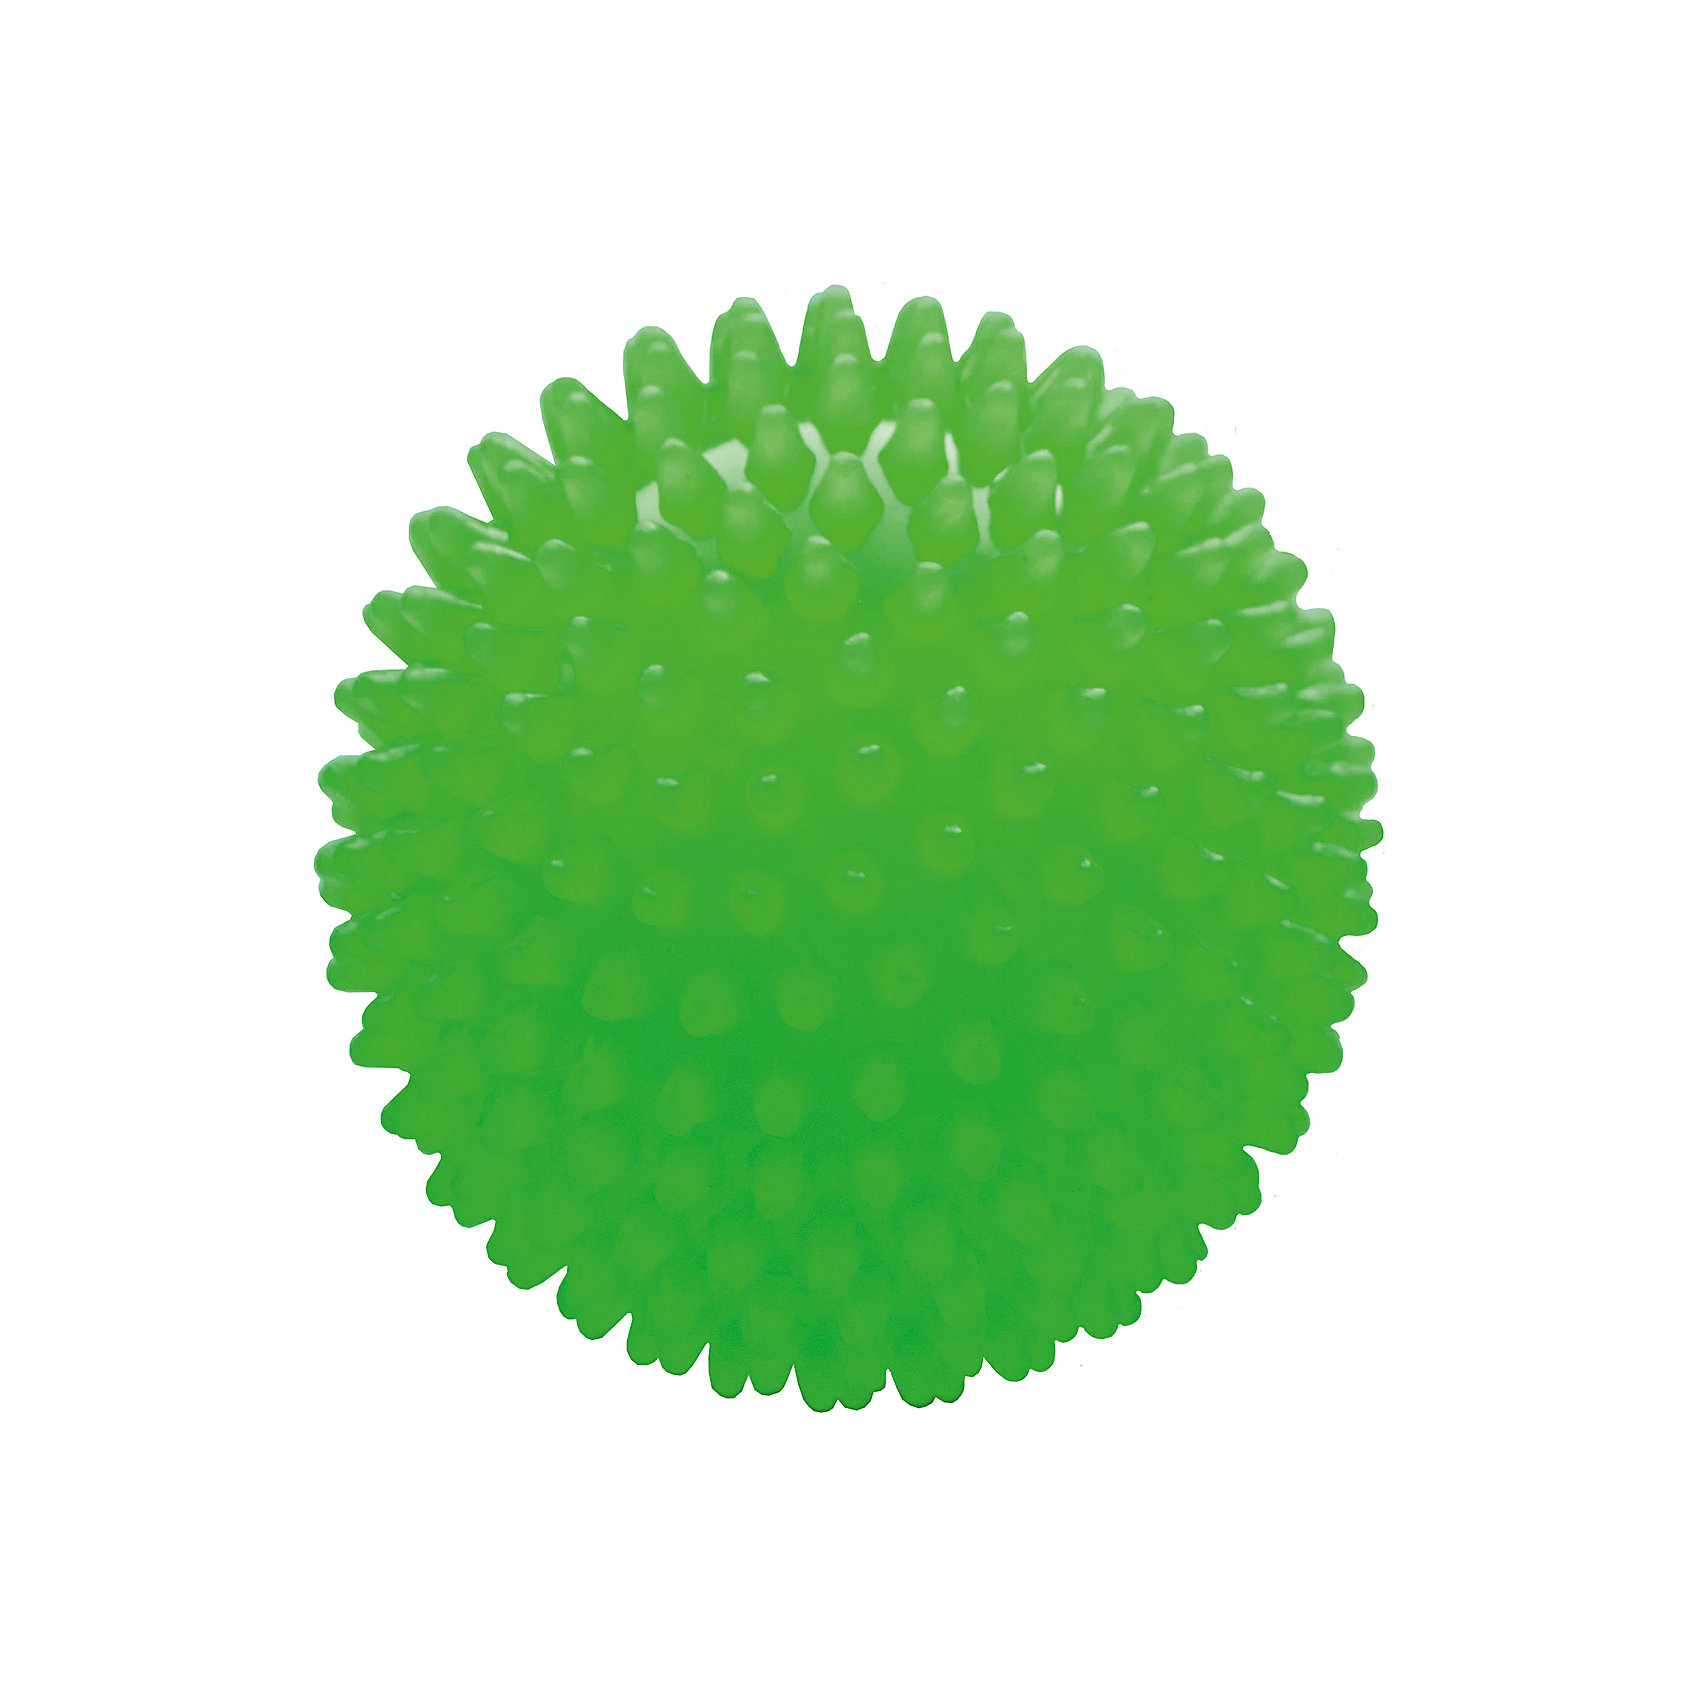 Мяч ёжик зеленый, 8,5 см, МалышОКМячи детские<br>Характеристики товара:<br><br>• диаметр мяча: 8,5 см;<br>• материал: ПВХ;<br>• цвет: зеленый;<br>• возраст: от 0 месяцев;<br>• размер упаковки: 9х9х9 см;<br>• вес: 60 грамм;<br>• страна бренда: Россия.<br><br>Яркий мяч ёжик подойдет для игр, развития и купания малыша.<br><br>Занятия благотворно влияют на развитие центральной нервной системы, мускулатуры, а также уменьшают венозный застой и улучшают капиллярный кровоток. Игра способствует развитию тактильных навыков, цветового восприятия, координации движений и мелкой моторики.<br><br>Мяч изготовлен из гипоаллергенного материала.<br><br>Мяч ёжик зеленый, 8,5 см, МалышОК можно купить в нашем интернет-магазине.<br><br>Ширина мм: 90<br>Глубина мм: 90<br>Высота мм: 90<br>Вес г: 60<br>Возраст от месяцев: 6<br>Возраст до месяцев: 2147483647<br>Пол: Унисекс<br>Возраст: Детский<br>SKU: 6894018